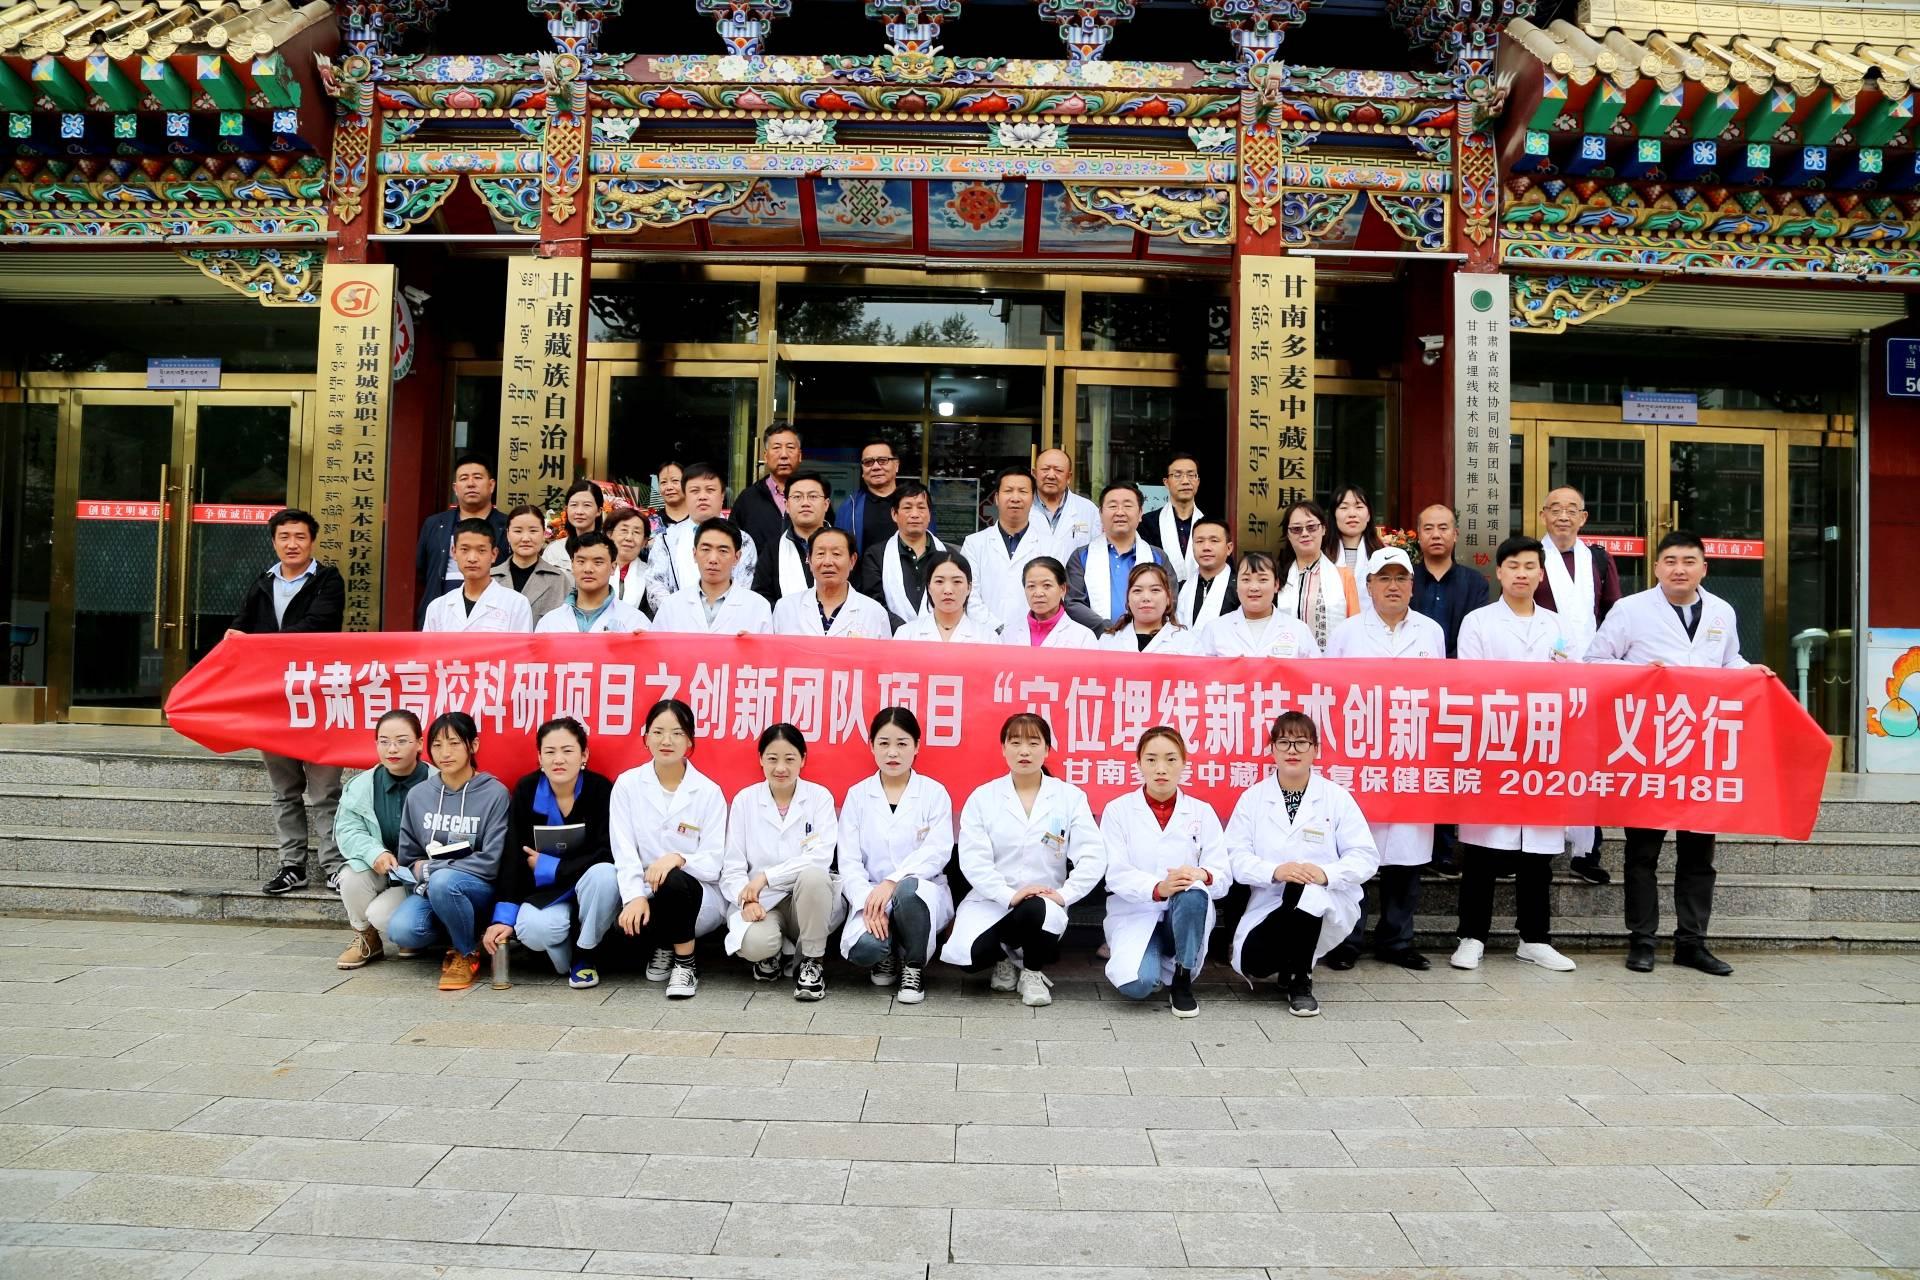 甘南多脉中藏医康复保健医院在甘肃省建